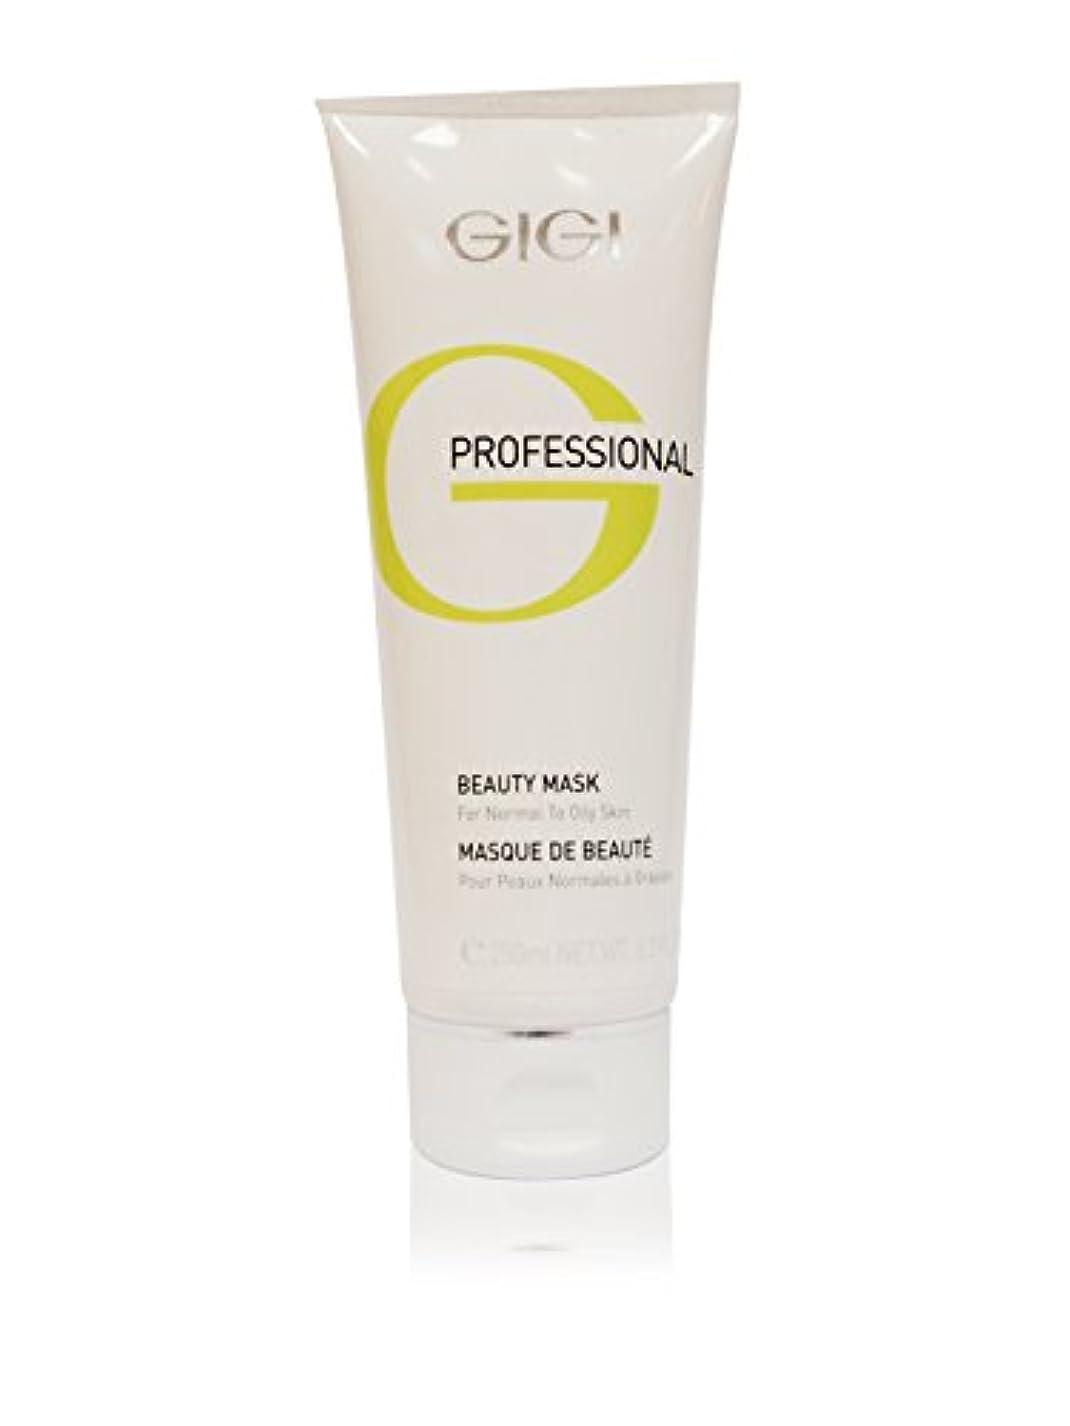 内訳極めて重要な適応GIGI Beauty Mask for Normal to Oily Skin 250ml 8.4fl.oz